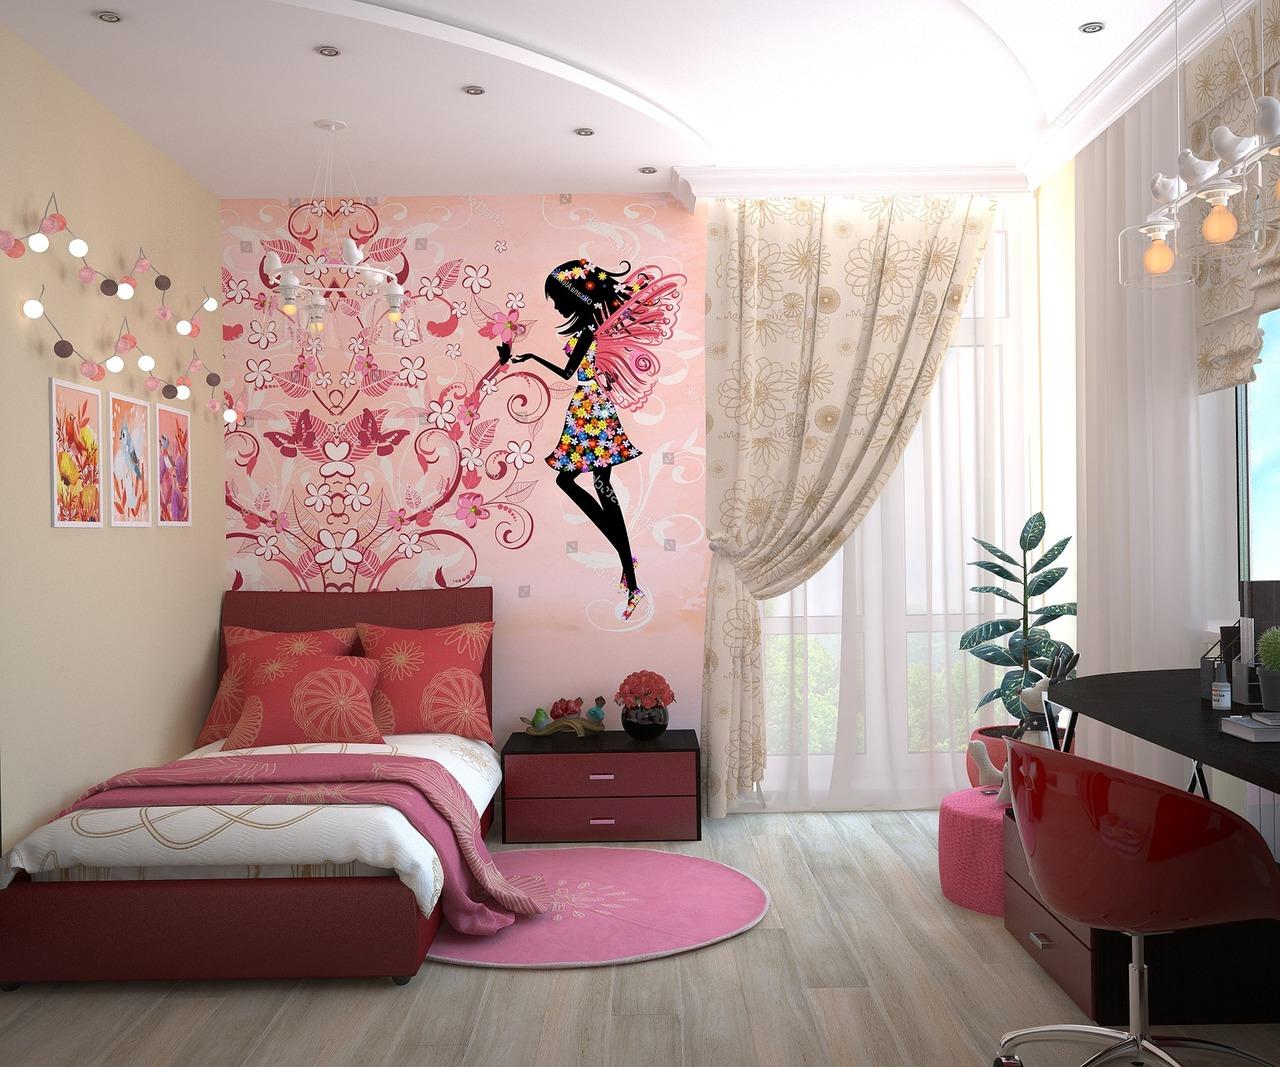 comment bien d corer une chambre d enfants avec des stickers. Black Bedroom Furniture Sets. Home Design Ideas